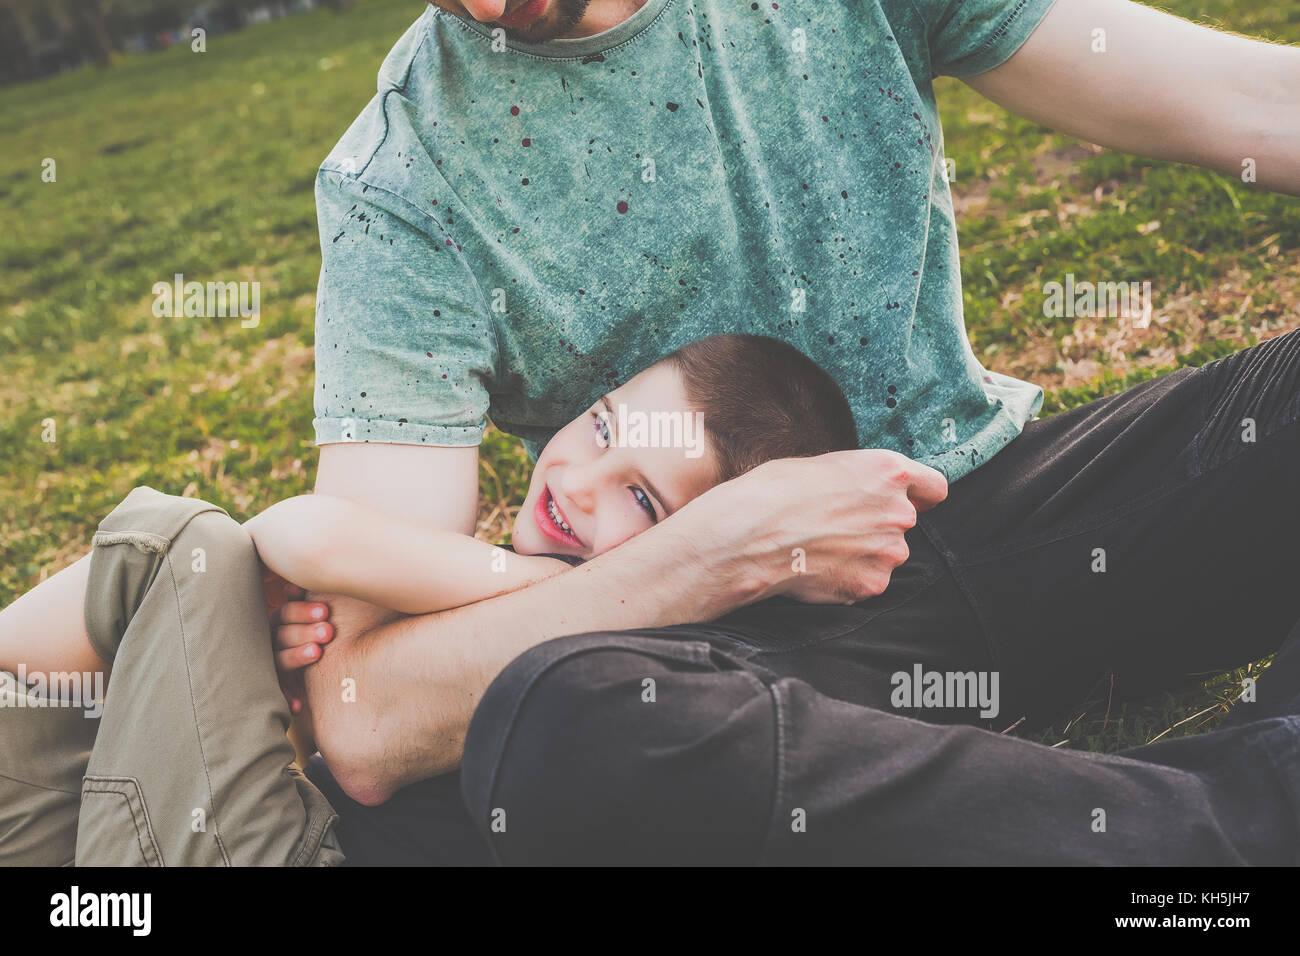 Papa avec littke fils s'amusant pour enfants à l'extérieur Photo Stock